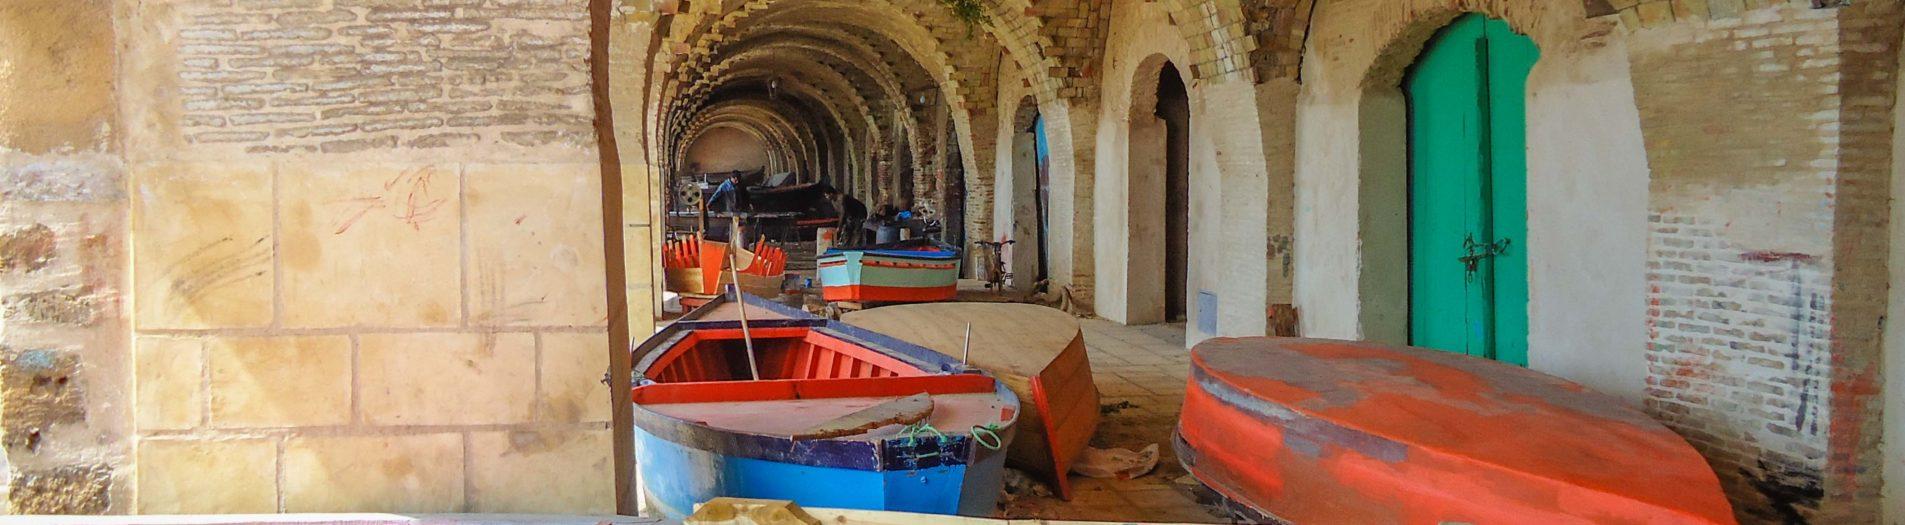 Ghar Melh غار الملح